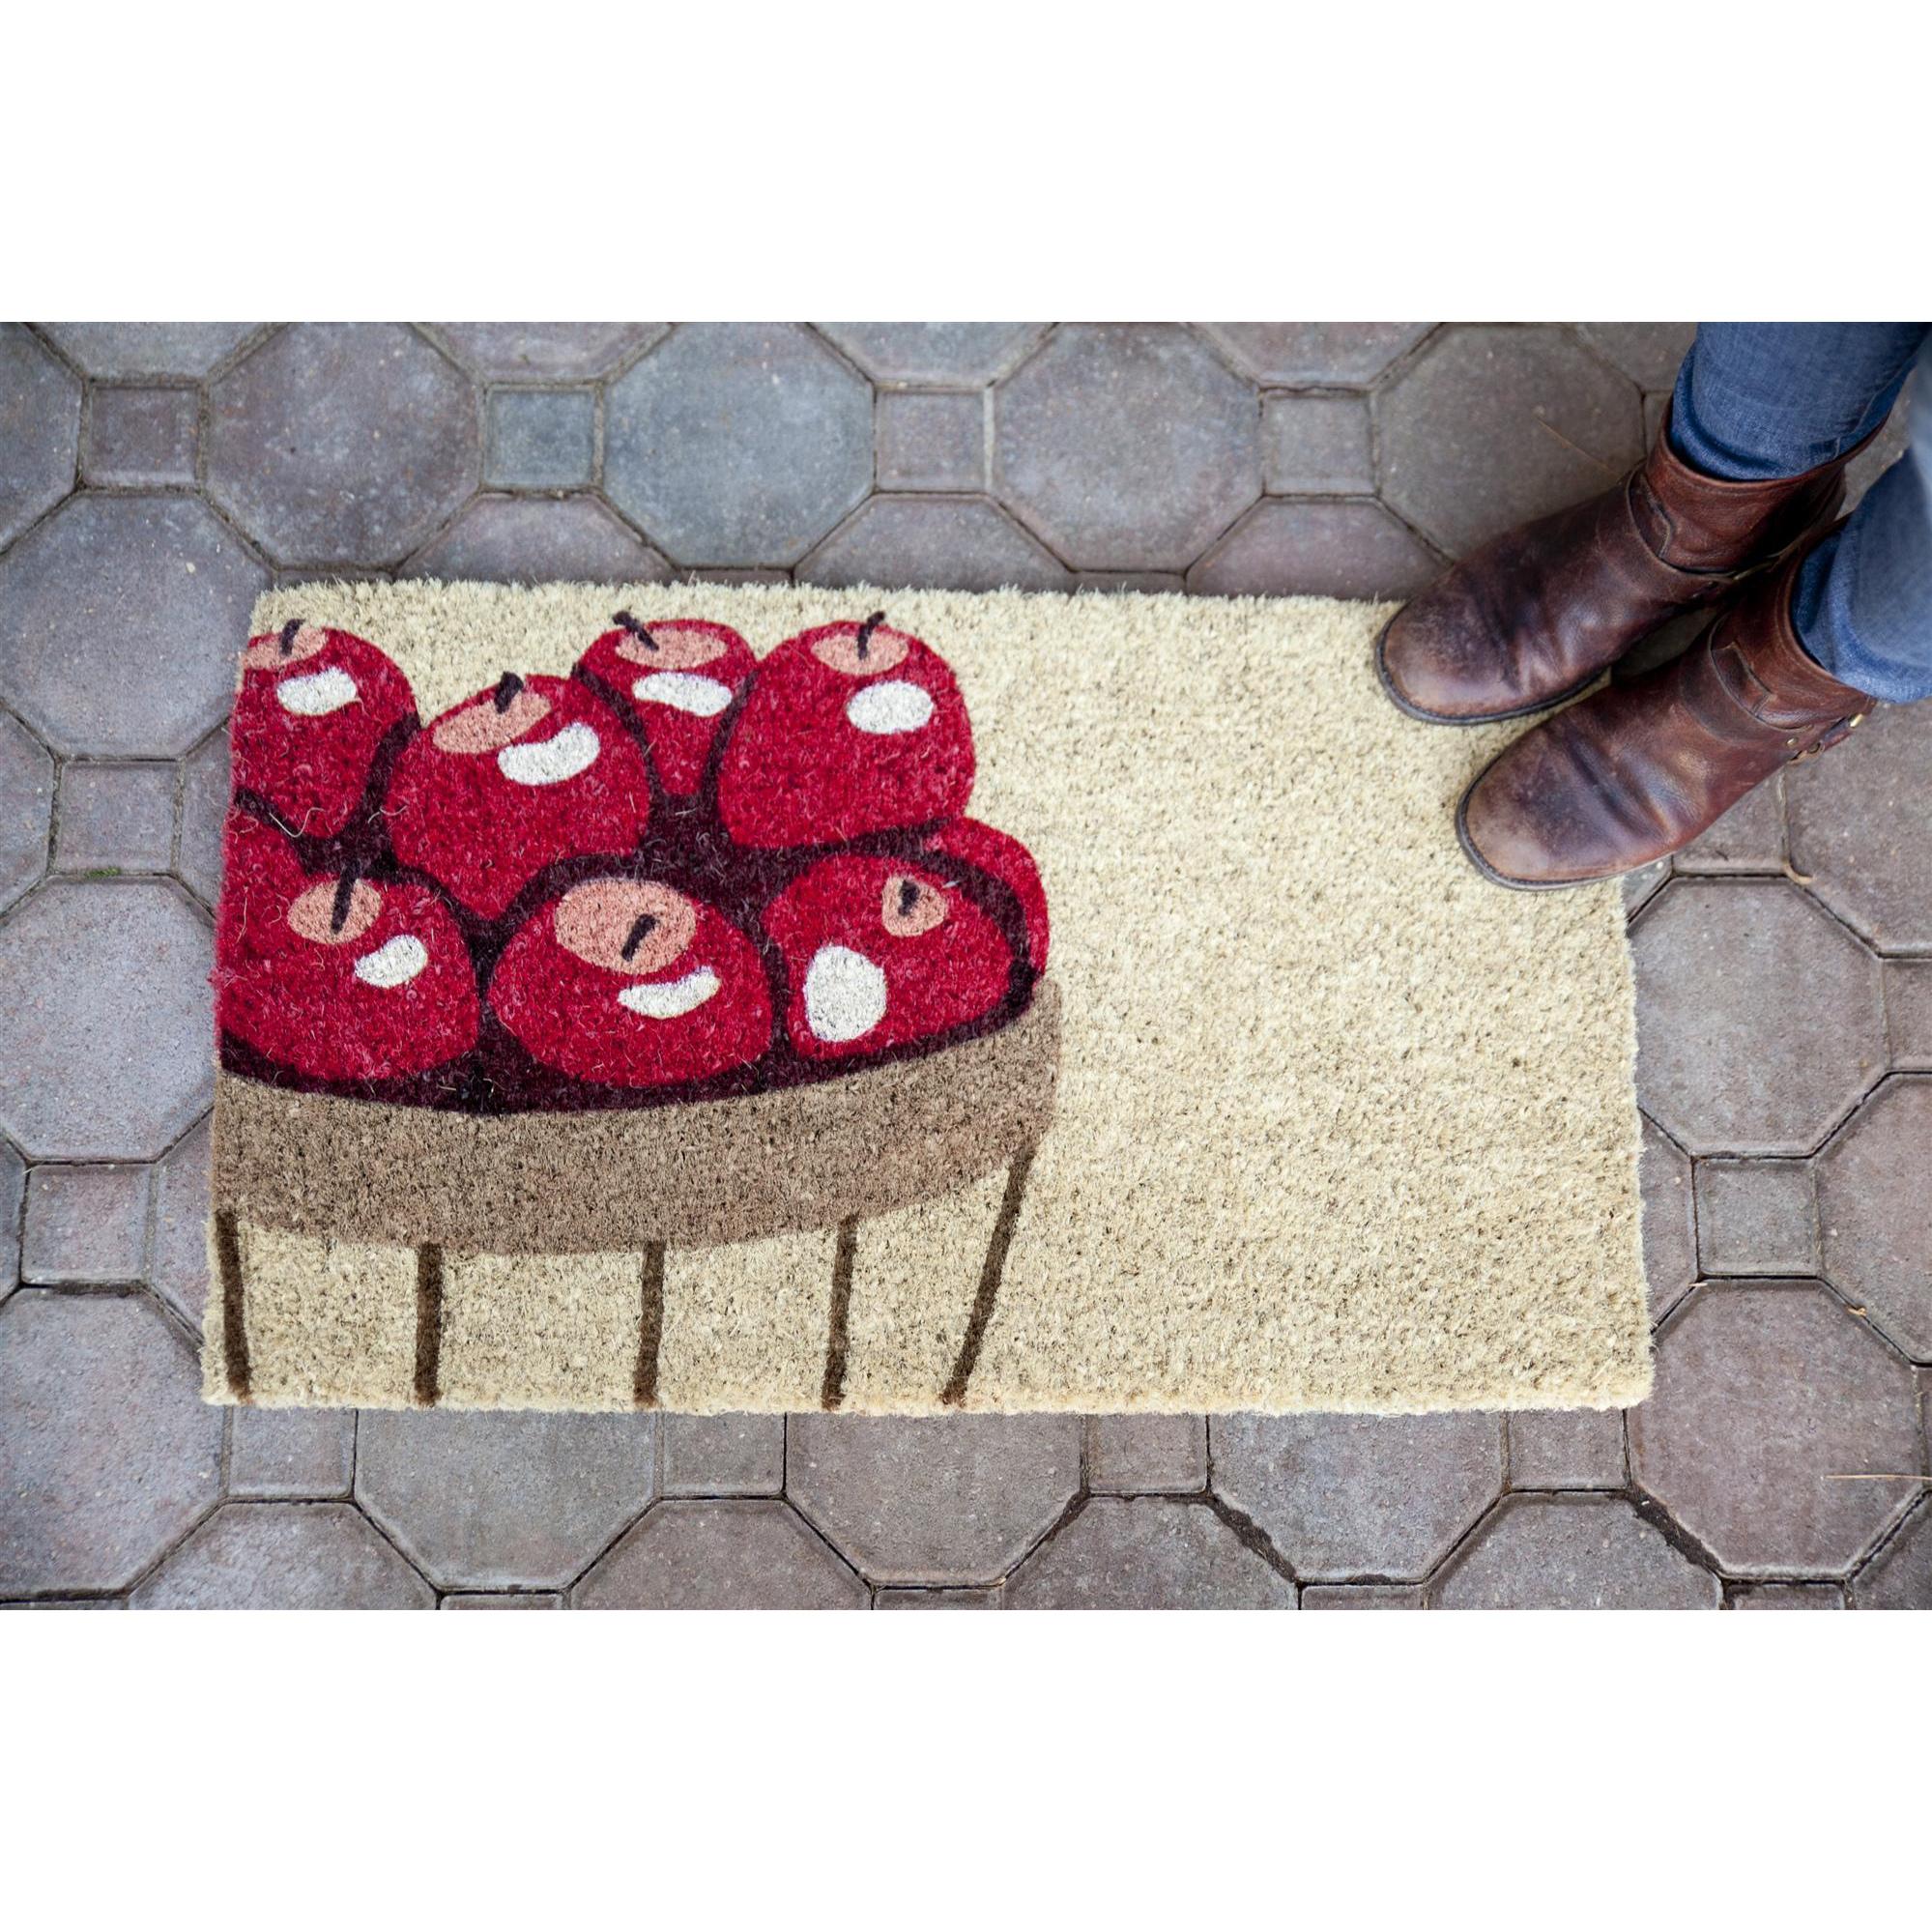 Entryways Apples Handwoven Autumn Themed Coconut Fiber Doormat, 18 x 30 Inch